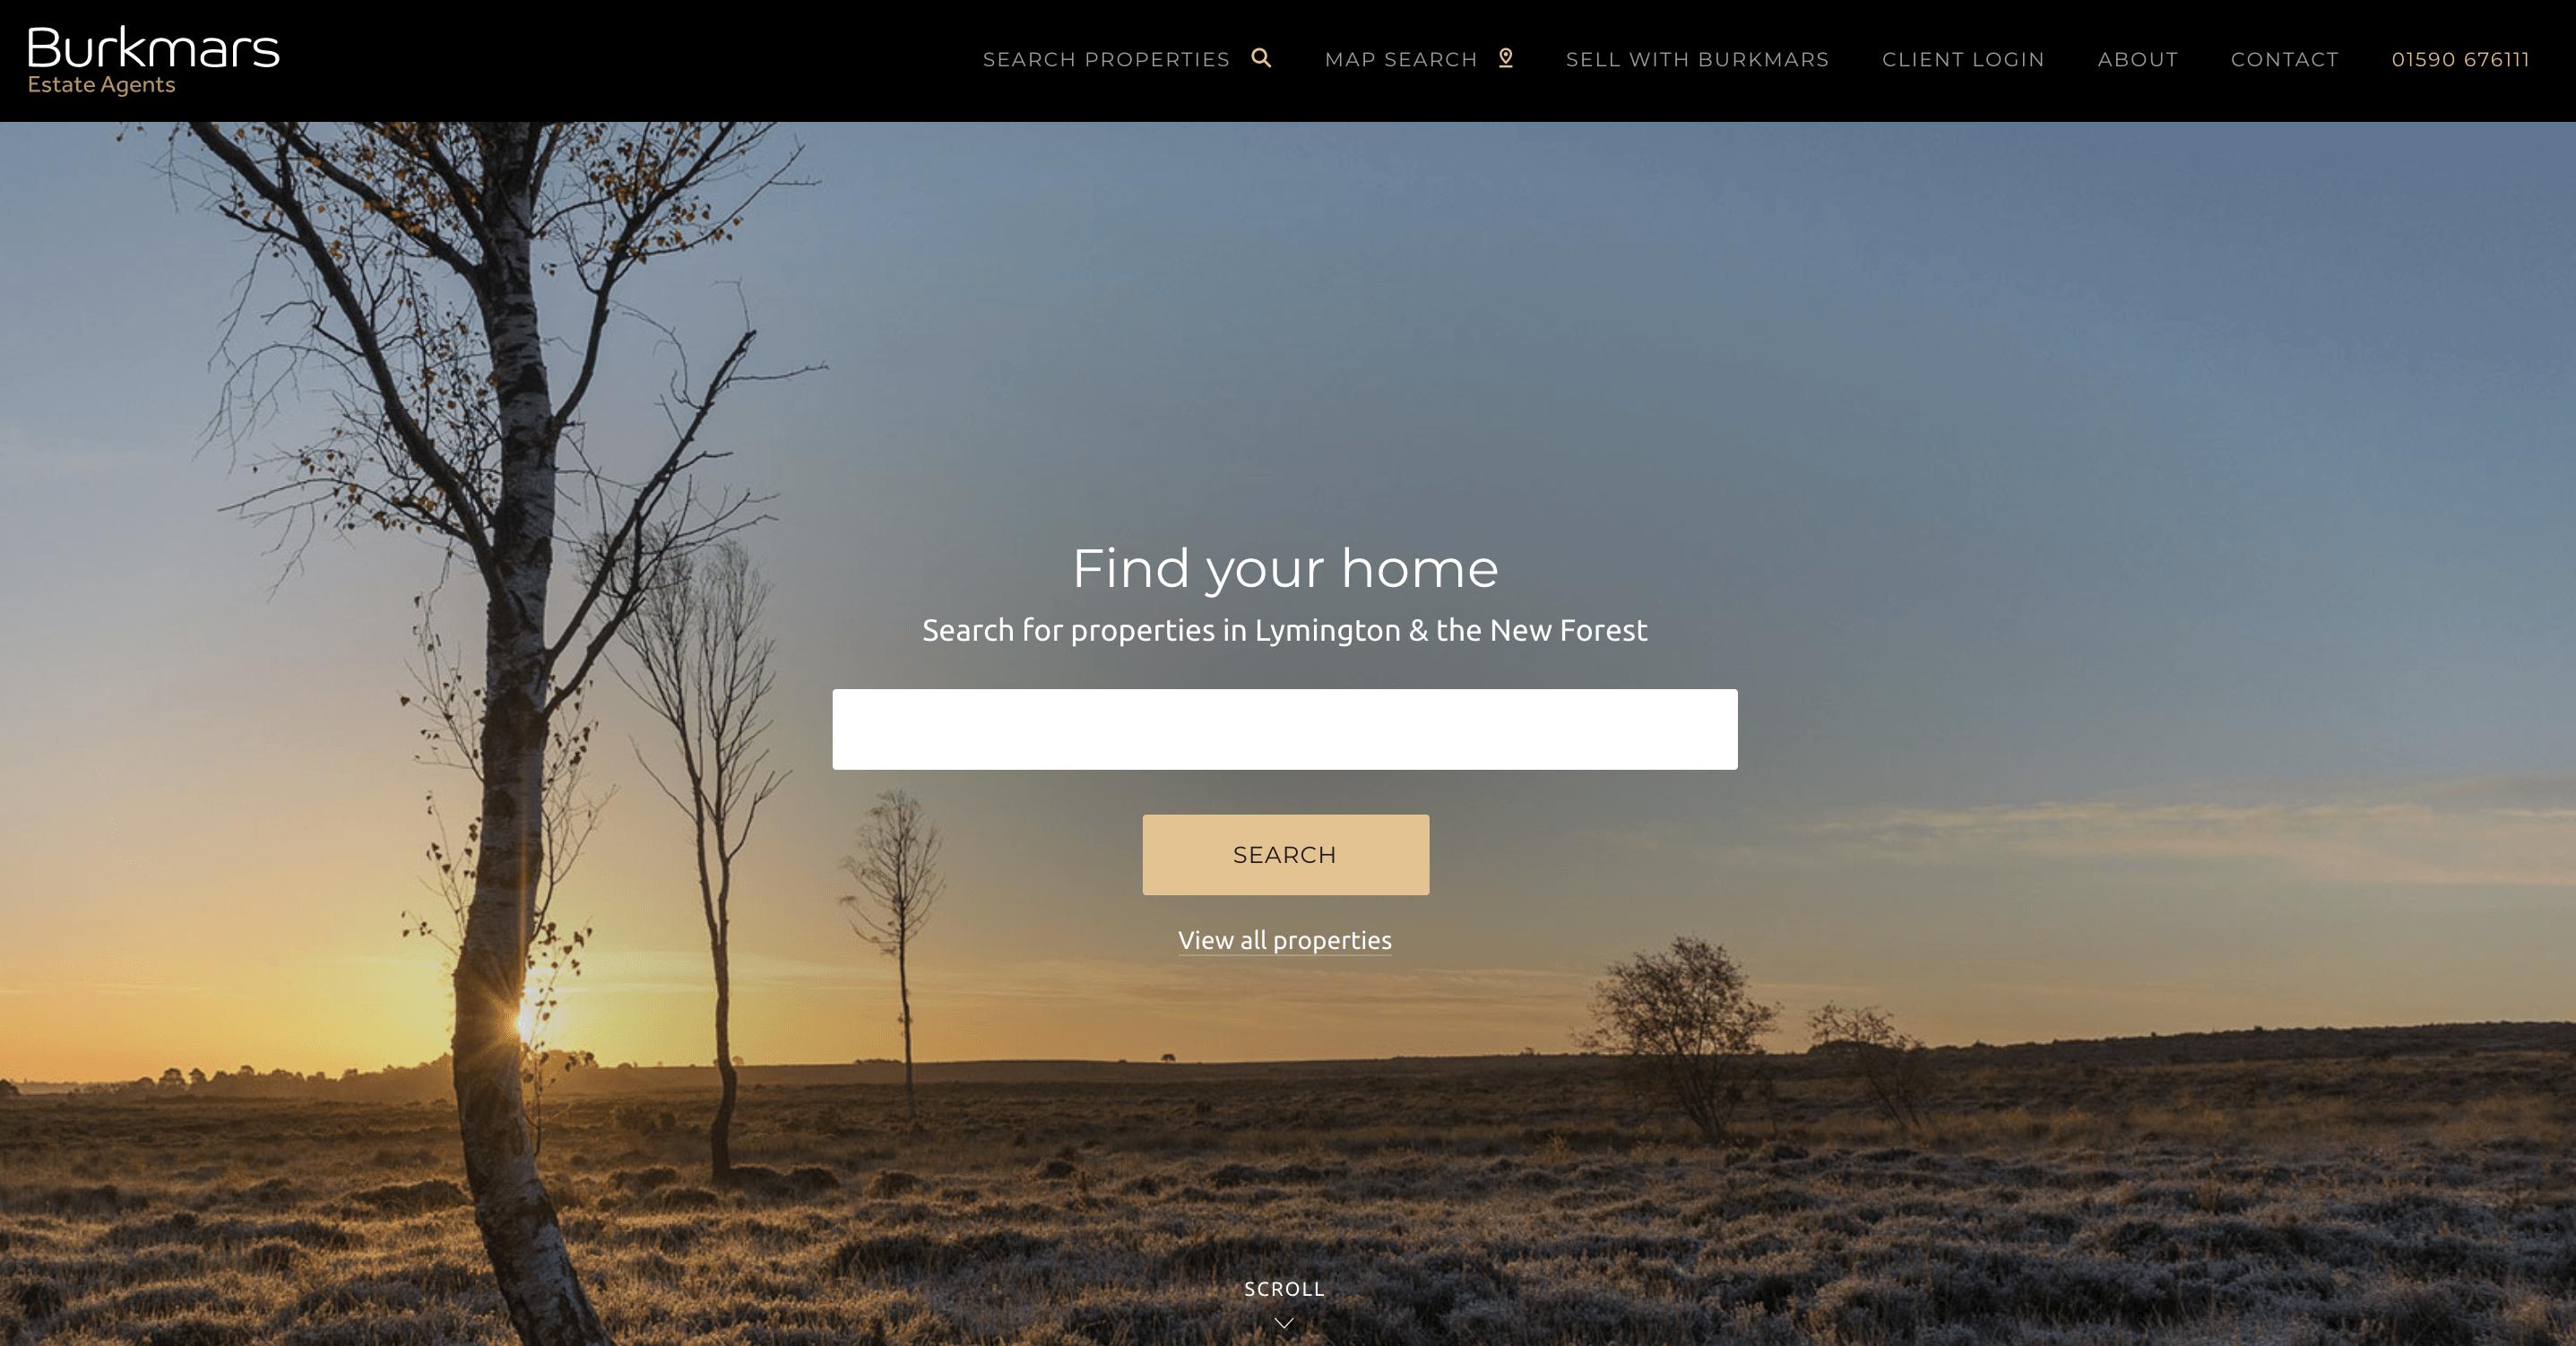 Burkmars estate agency website image